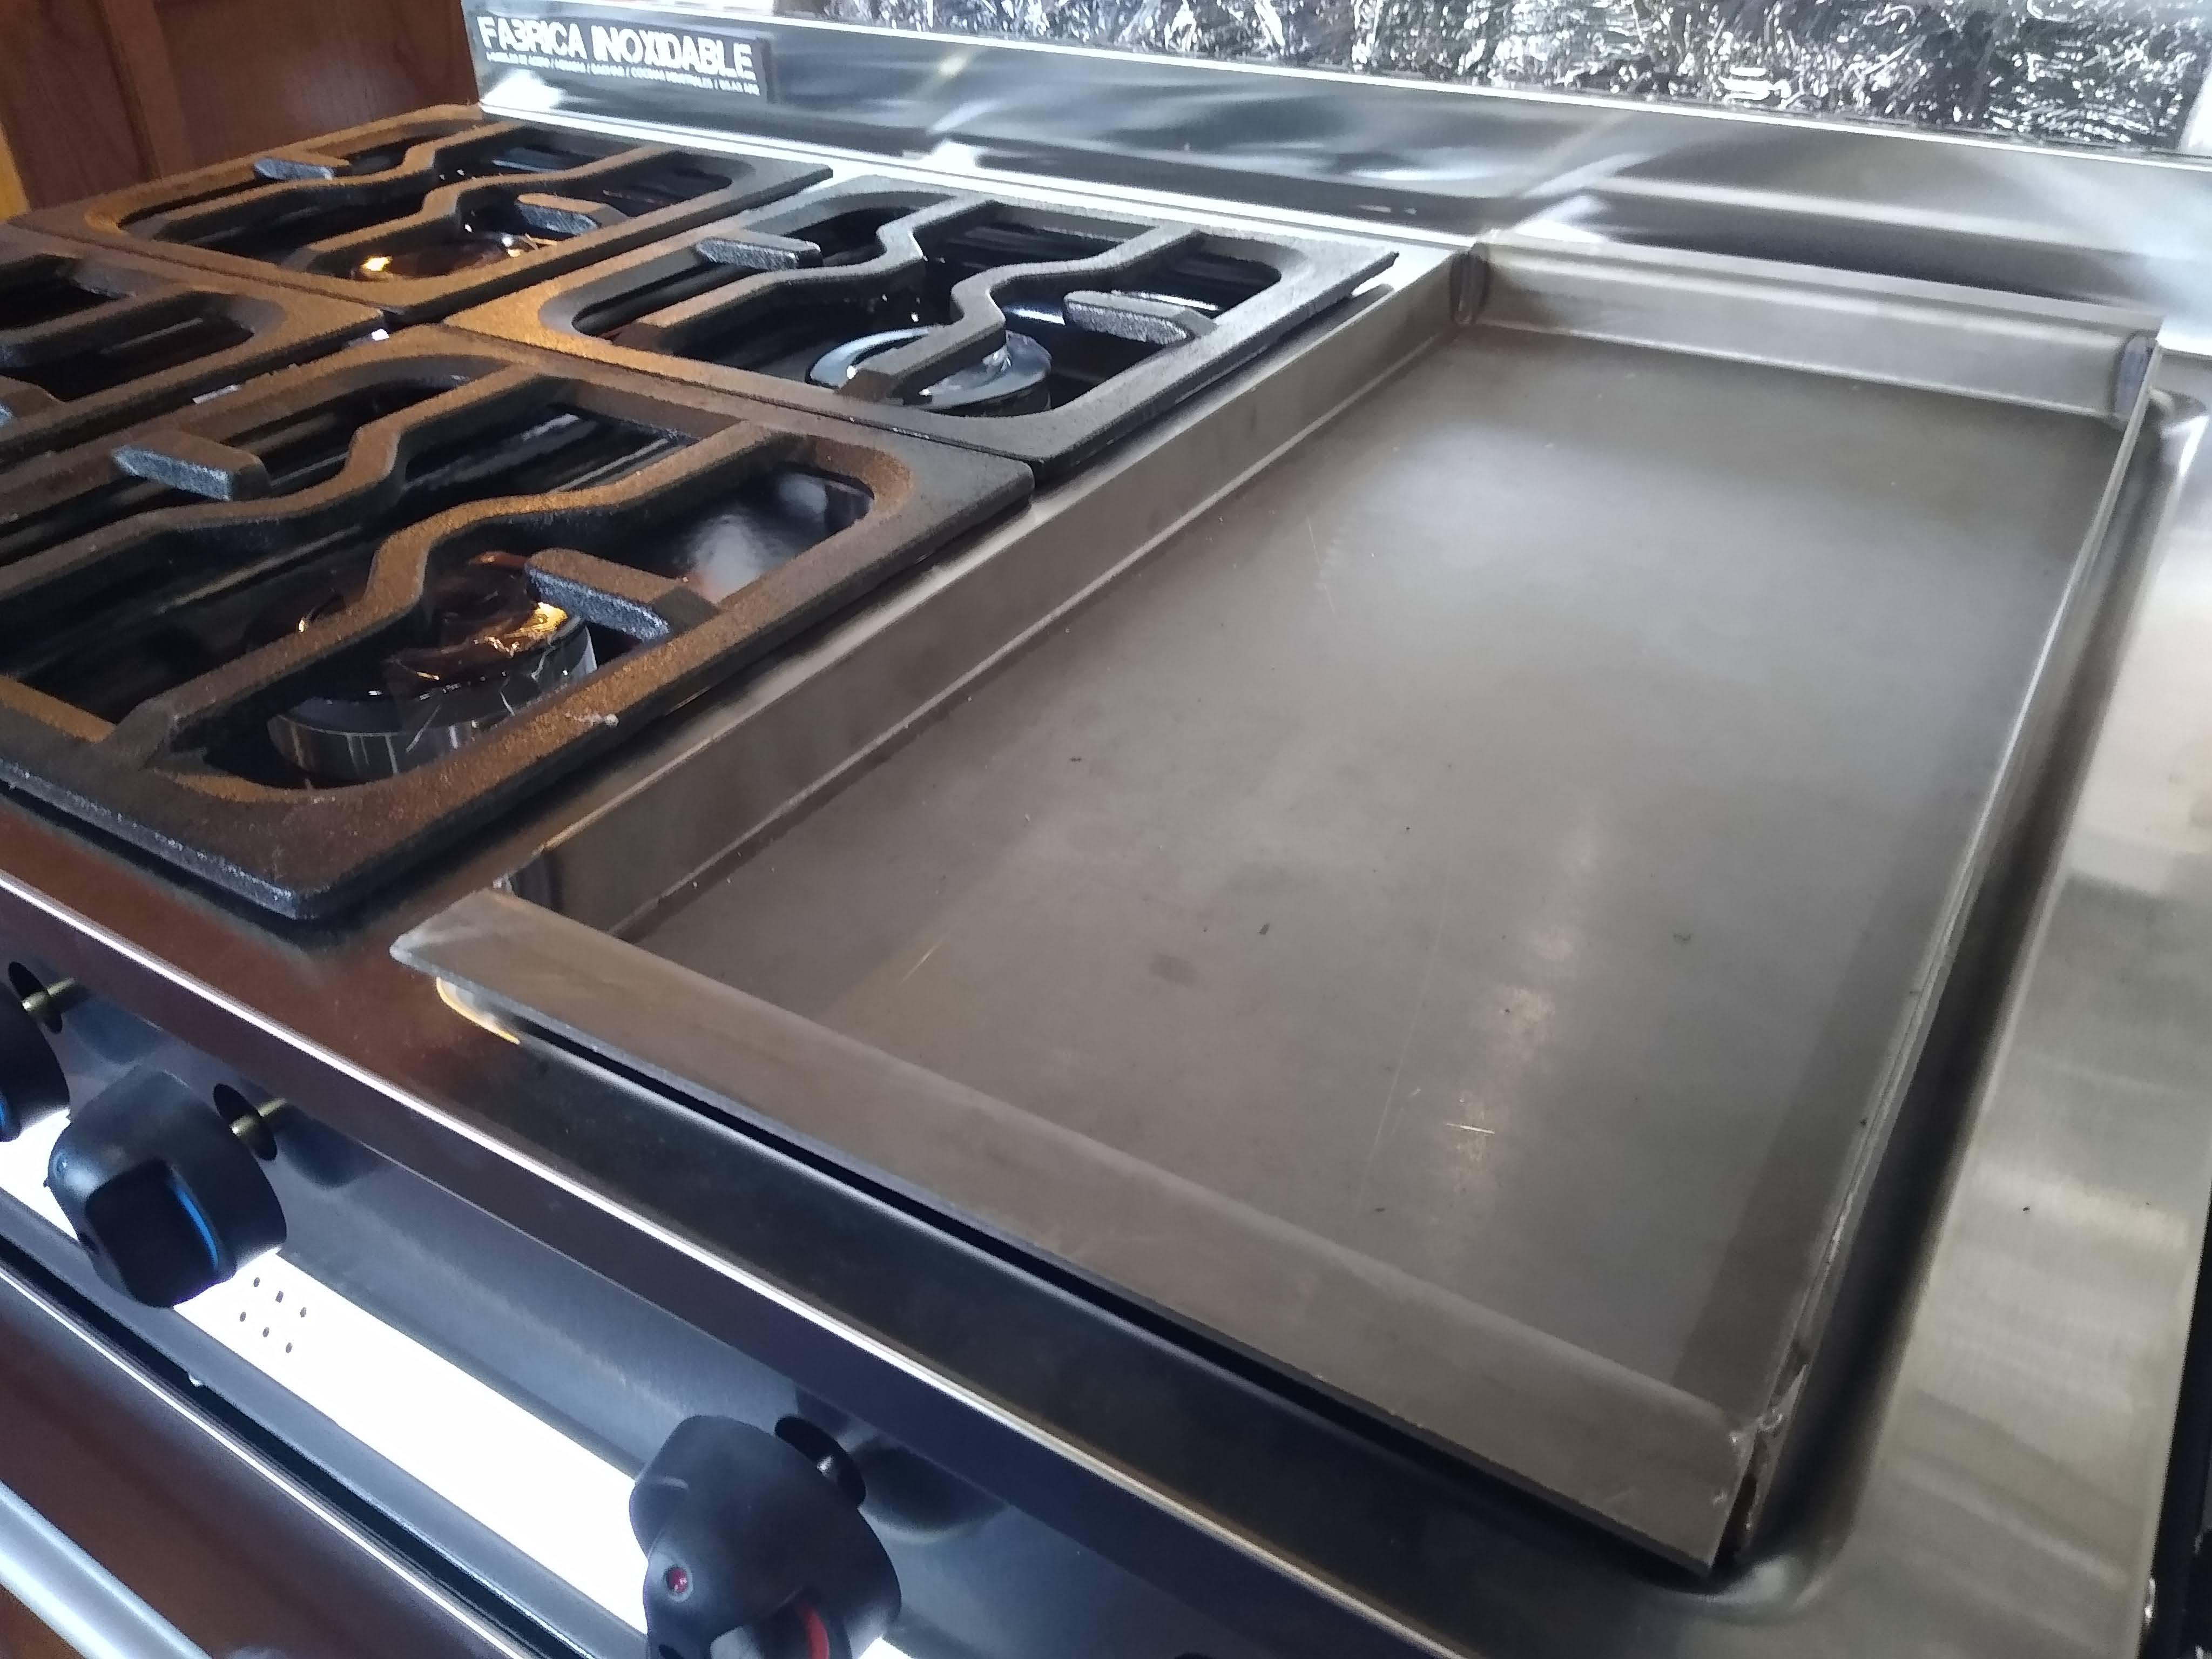 Plancha anafe lisa acero inoxidable cocina industrial familiar